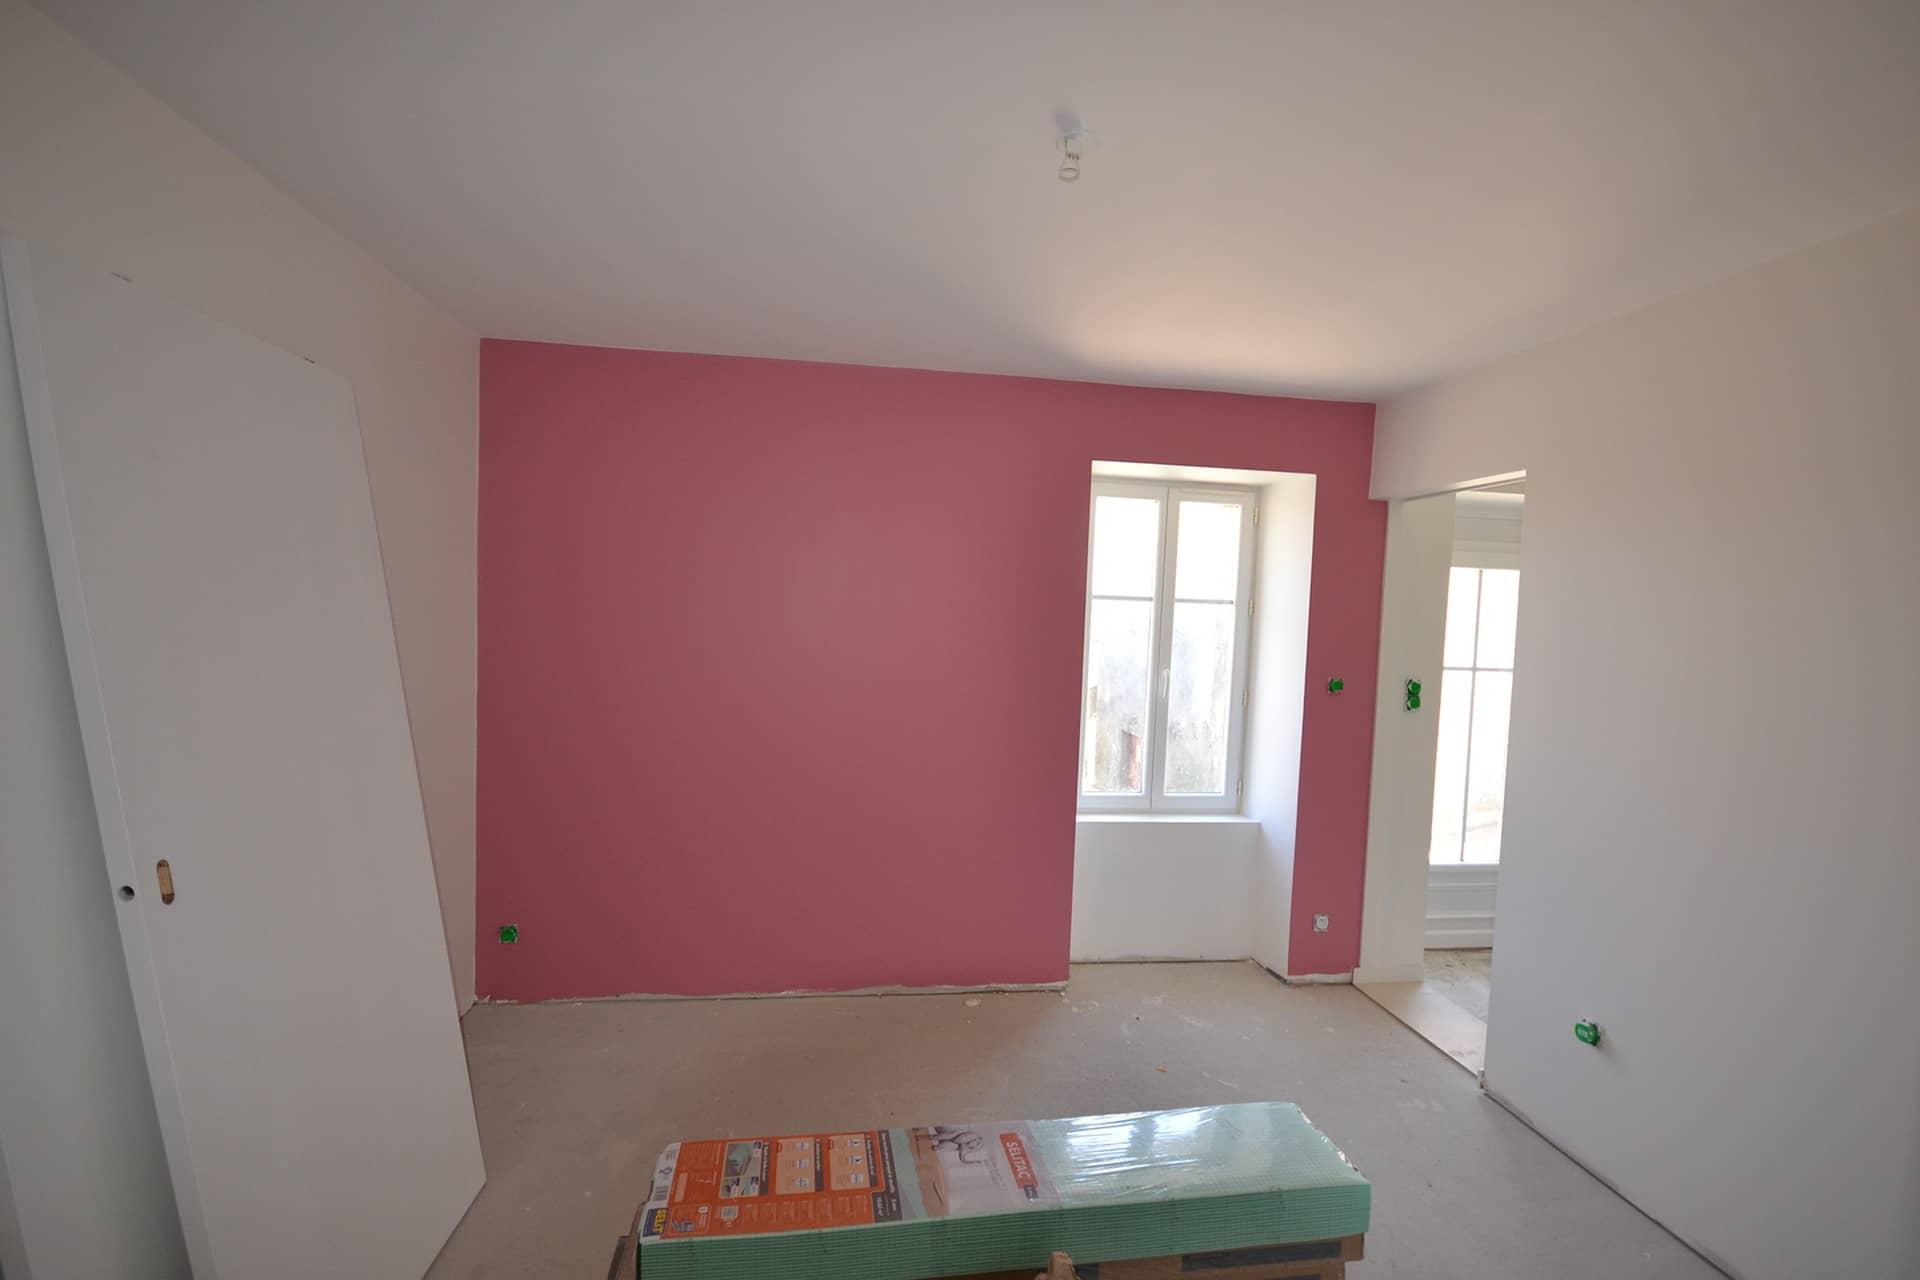 airiau5 - Rénovation d'une maison bourgeoise à Legé (44)